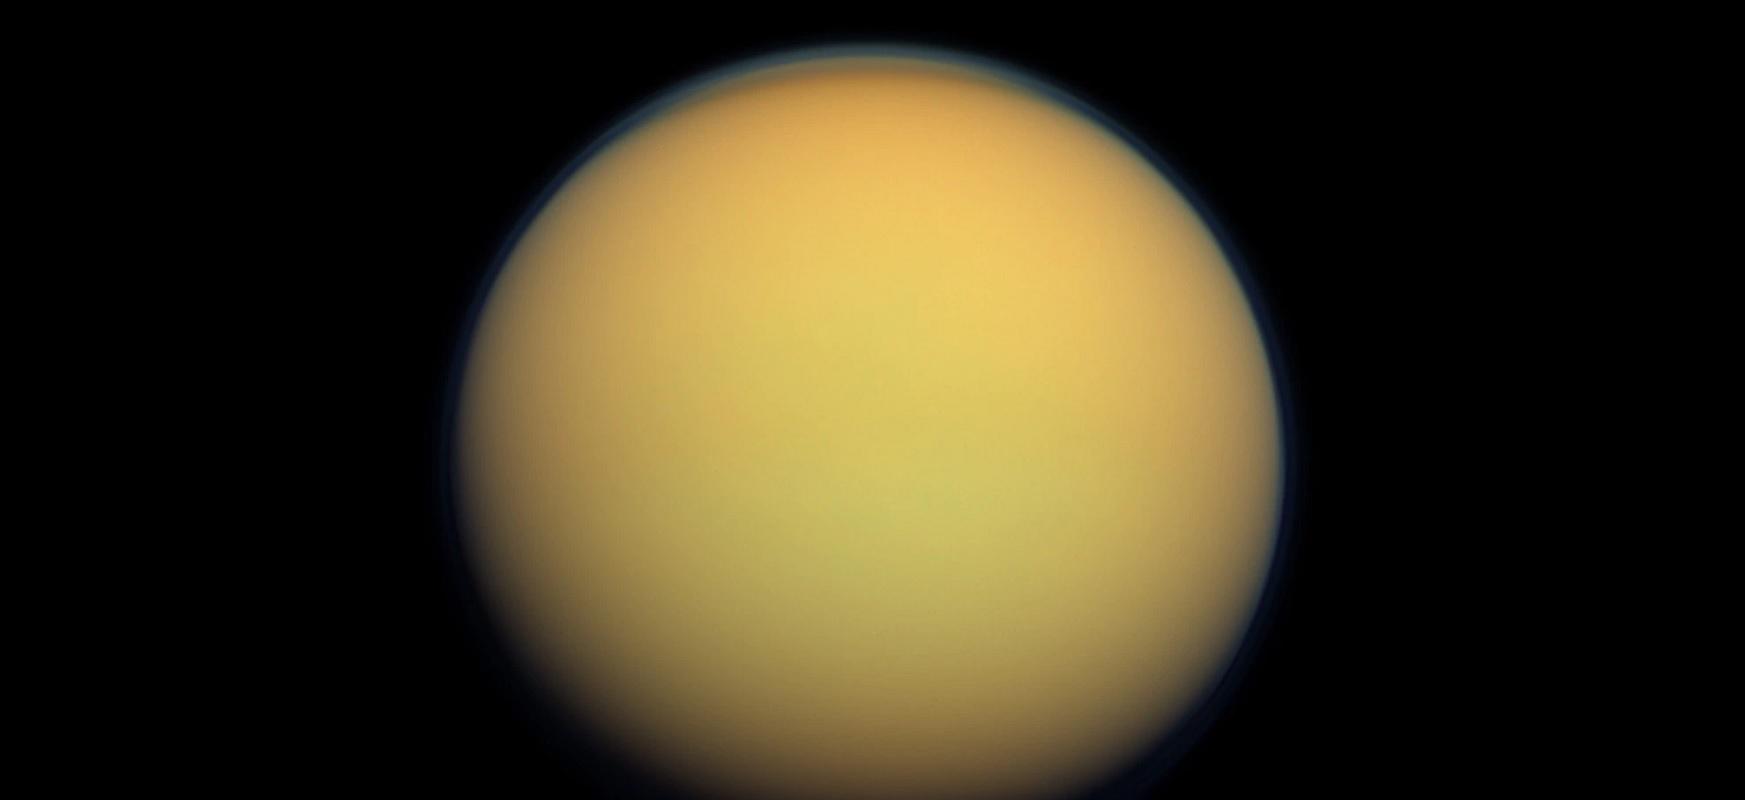 Hauts zurrunbilotsu masiboak Titan azalean eratzen dira.  Duna ugarien arduradunak dira